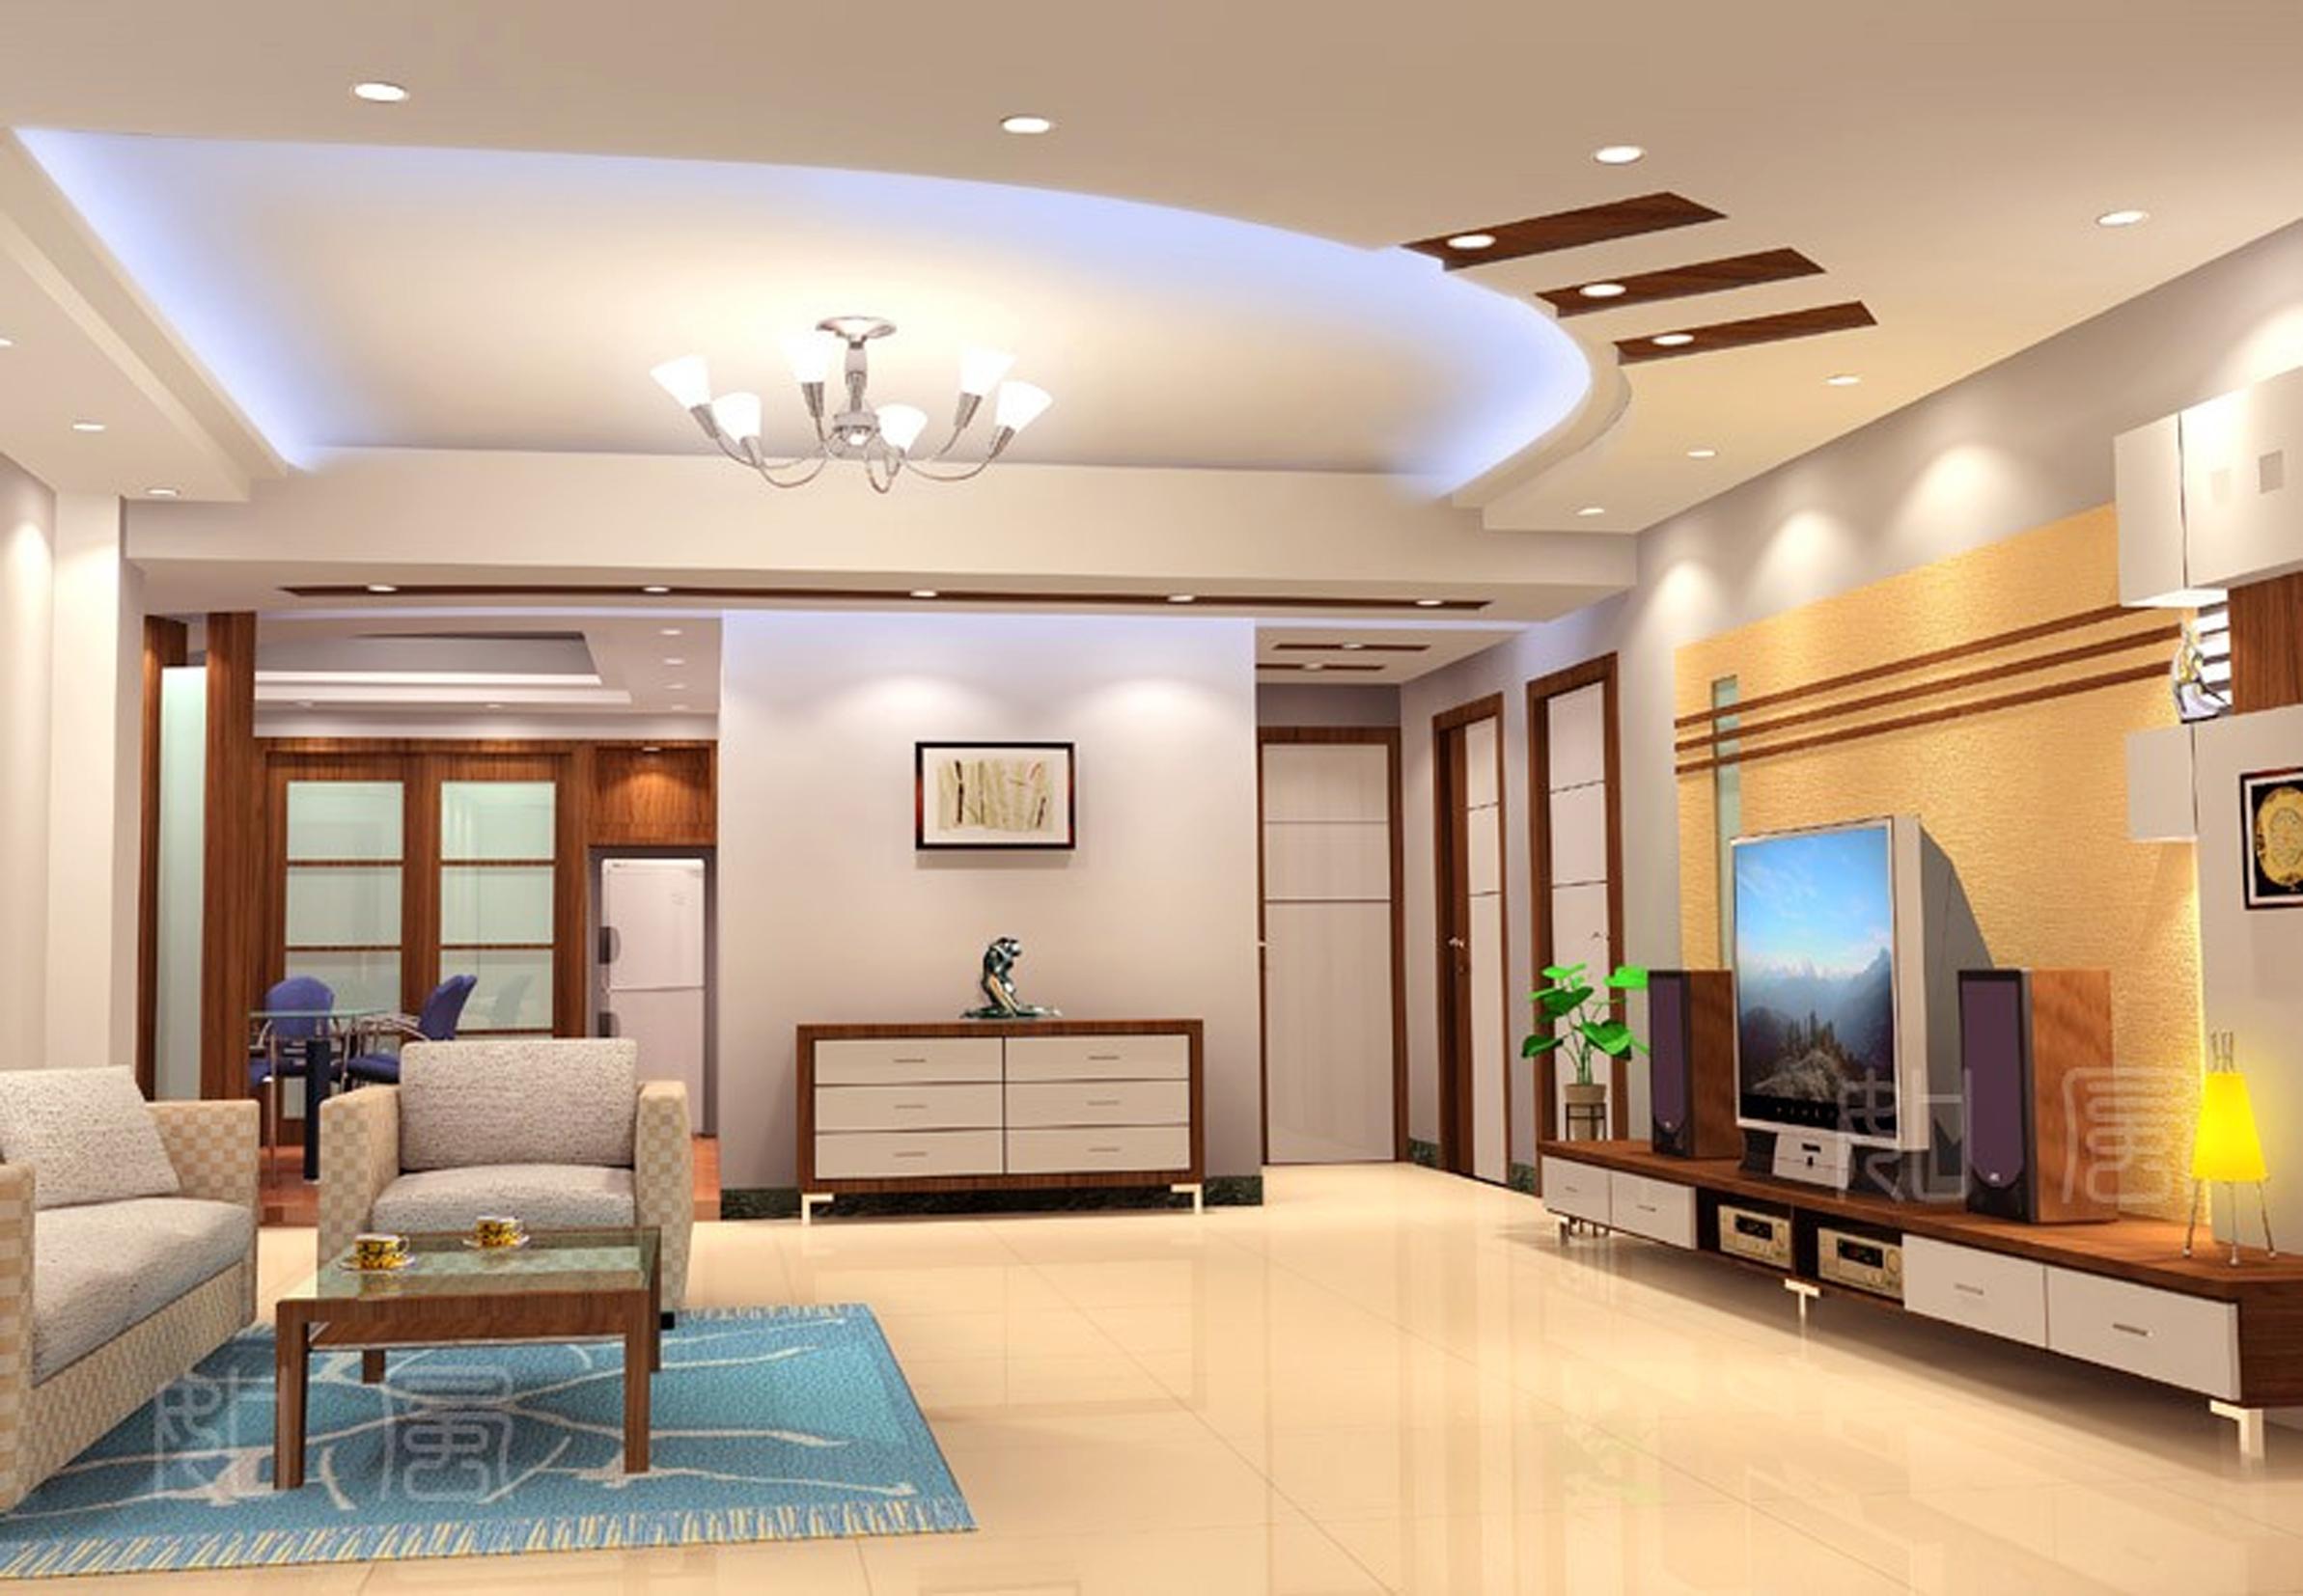 Florence trần hữu dực sở hữu căn hộ thông minh giữa trung tâm Hà Nội